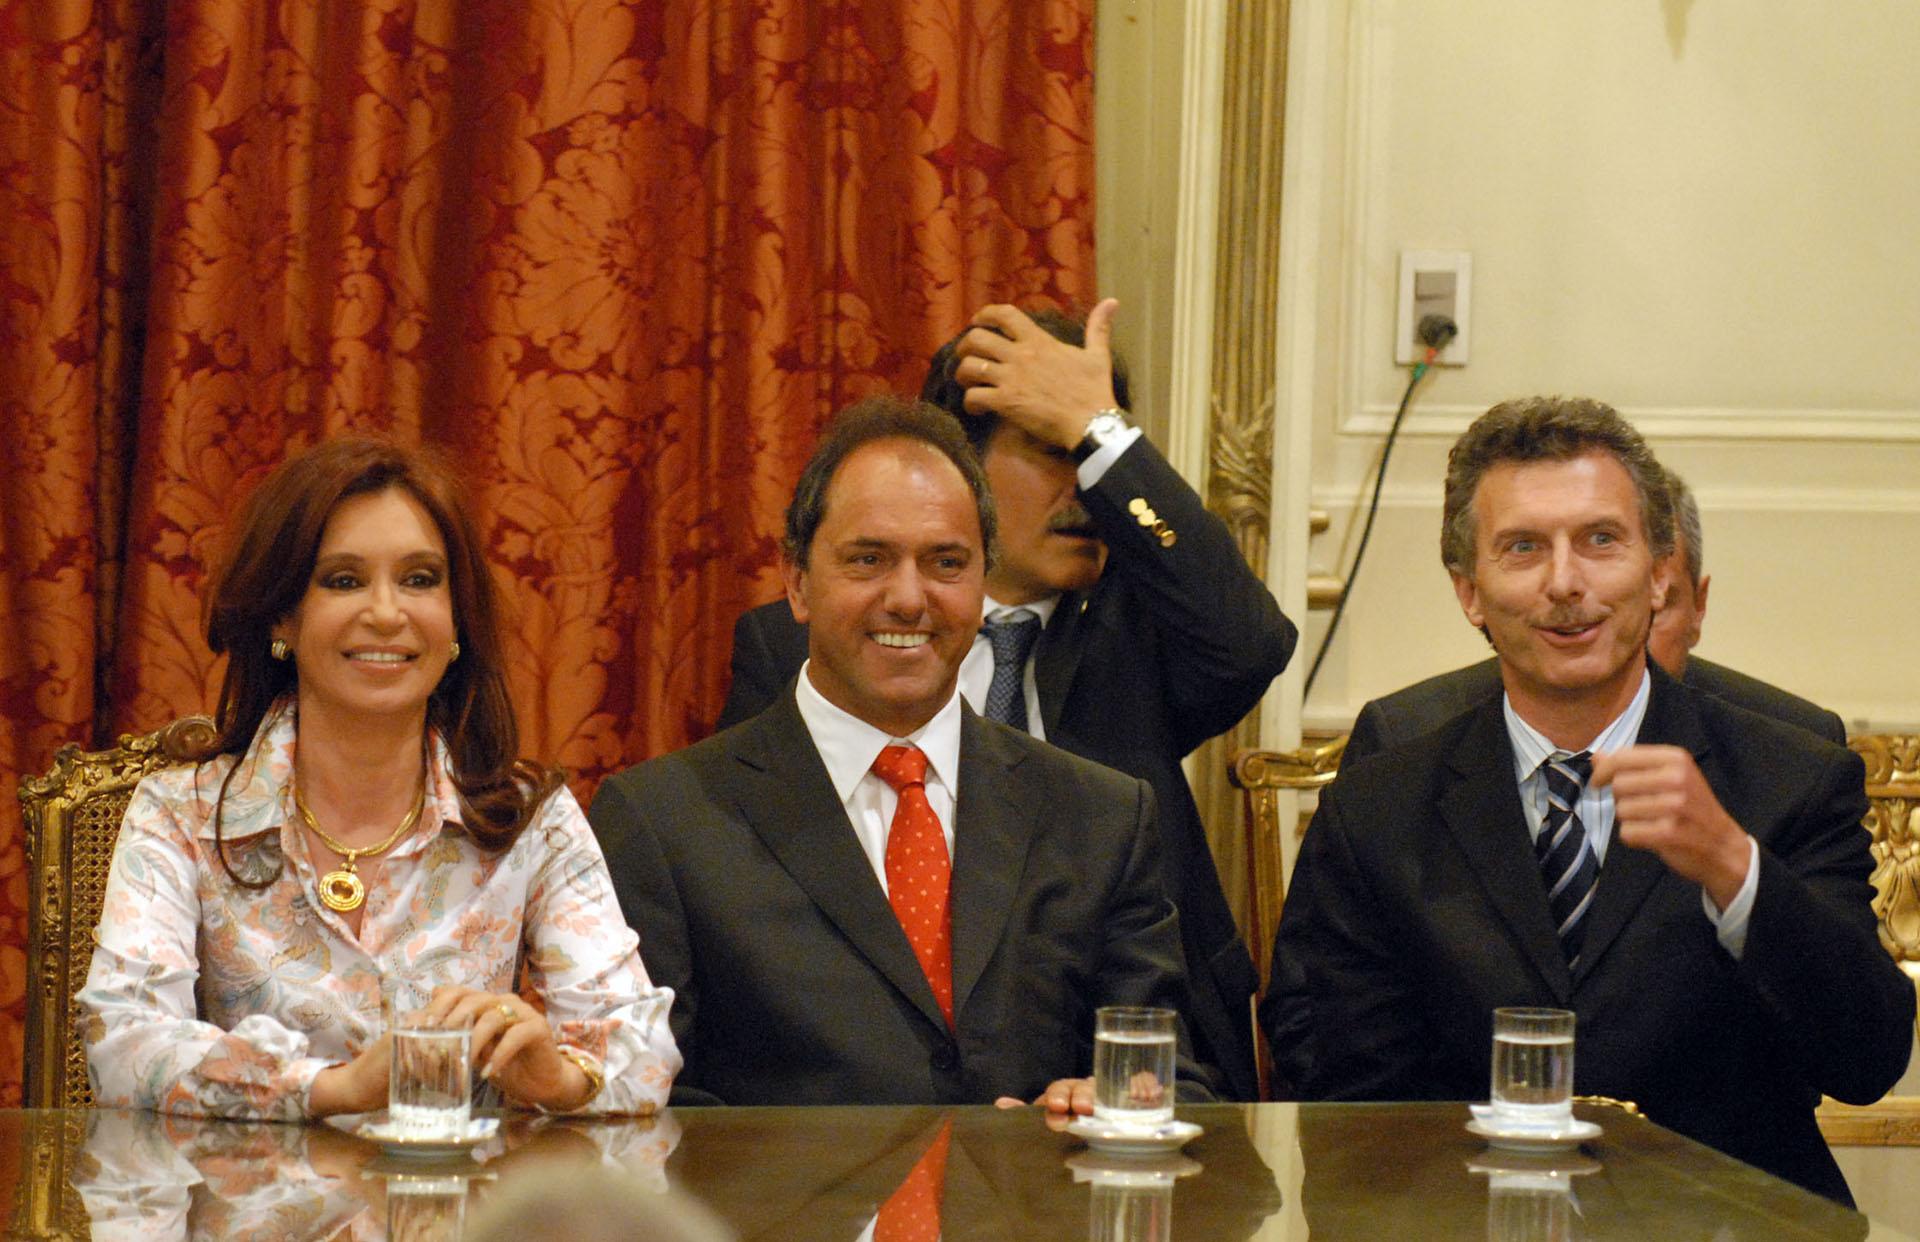 2008. Junto a los entonces presidenta y gobernador bonaerense, Cristina Kirchner y Daniel Scioli.